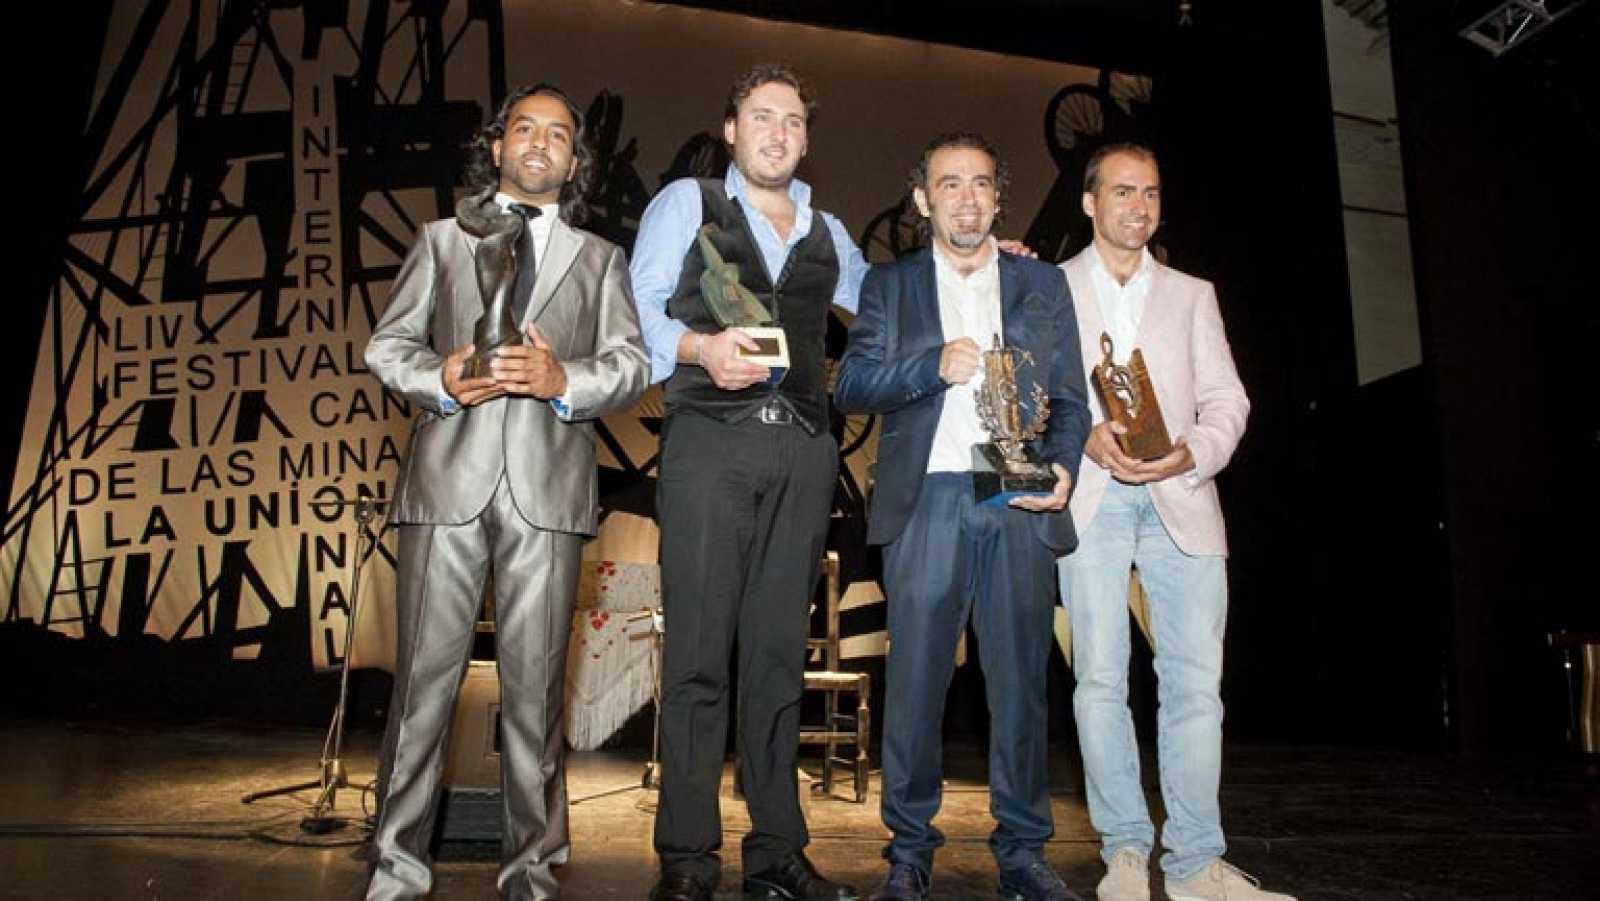 El gaditano David Lagos gana la Lámpara Minera del Festival Internacional de Cante de las Minas